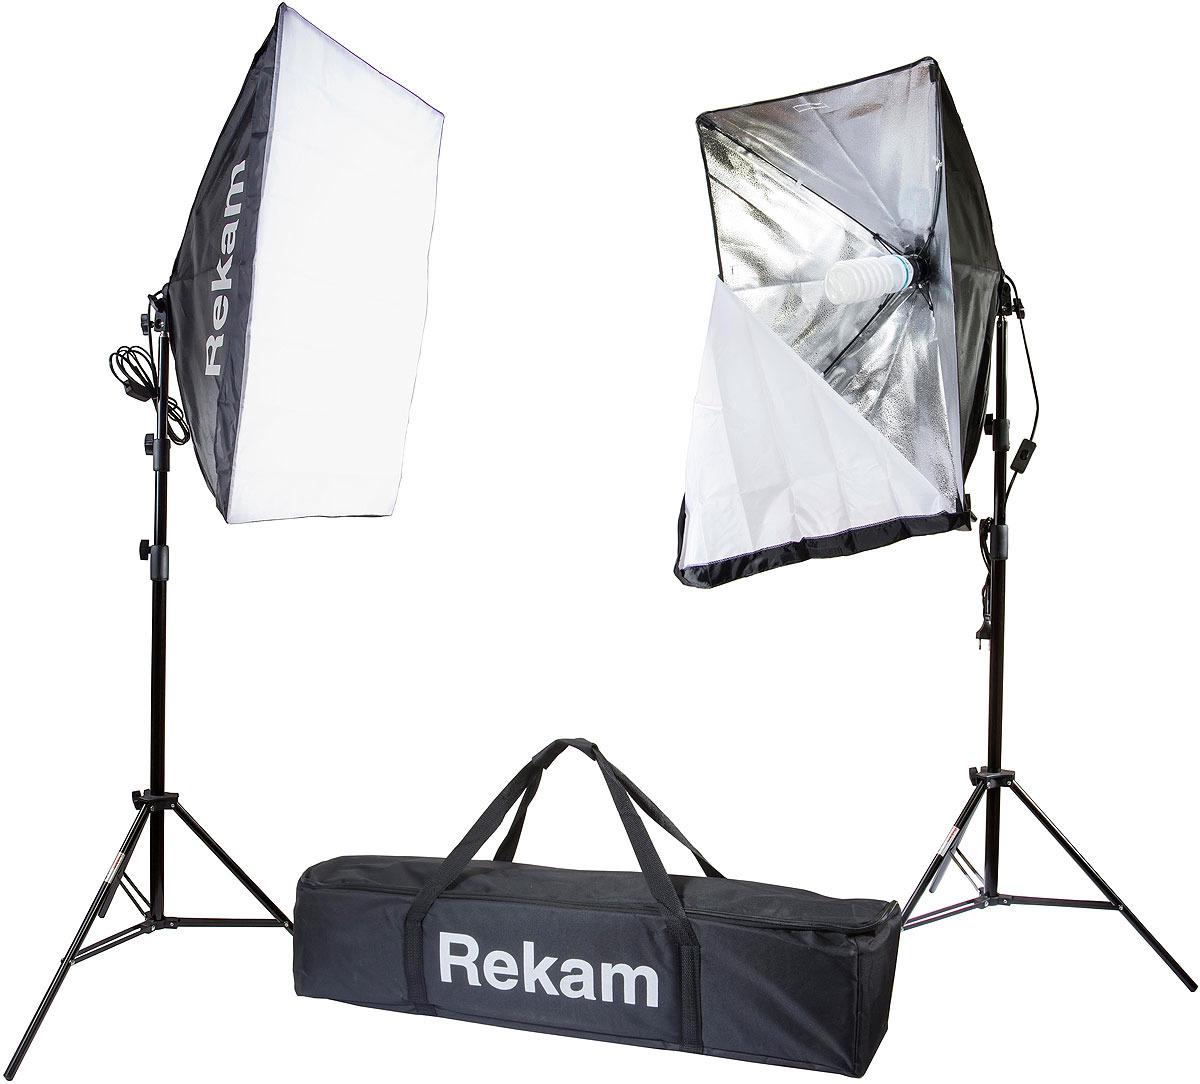 Комплект флуоресцентных осветителей Rekam CL-310-FL2-SB Kit & CL-310-FL2-SB Kit, Black